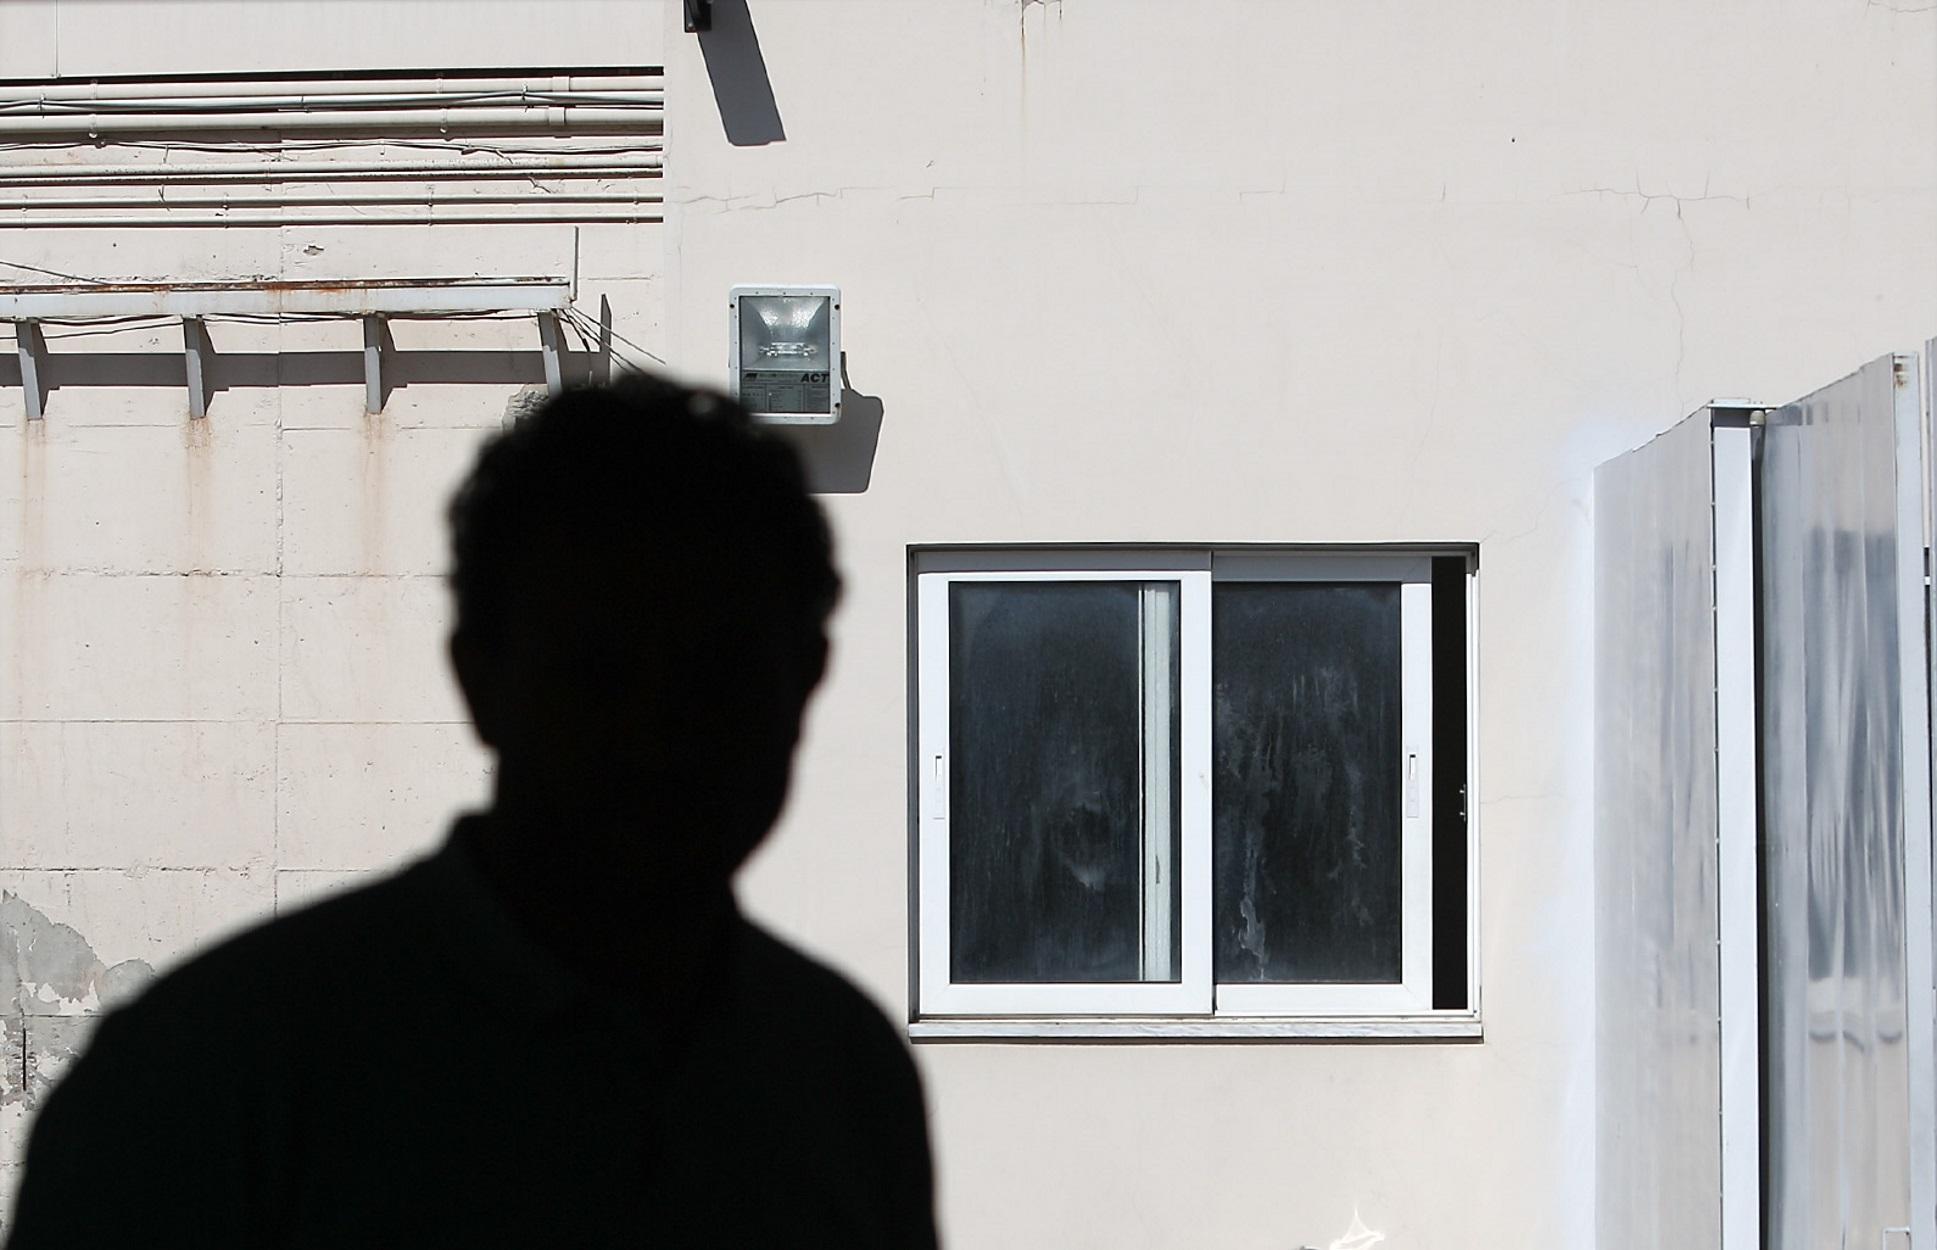 «Δραπέτευσε» από τις φυλακές Διαβατών και μπήκε στο πανεπιστήμιο – Διάβασμα στο κελί